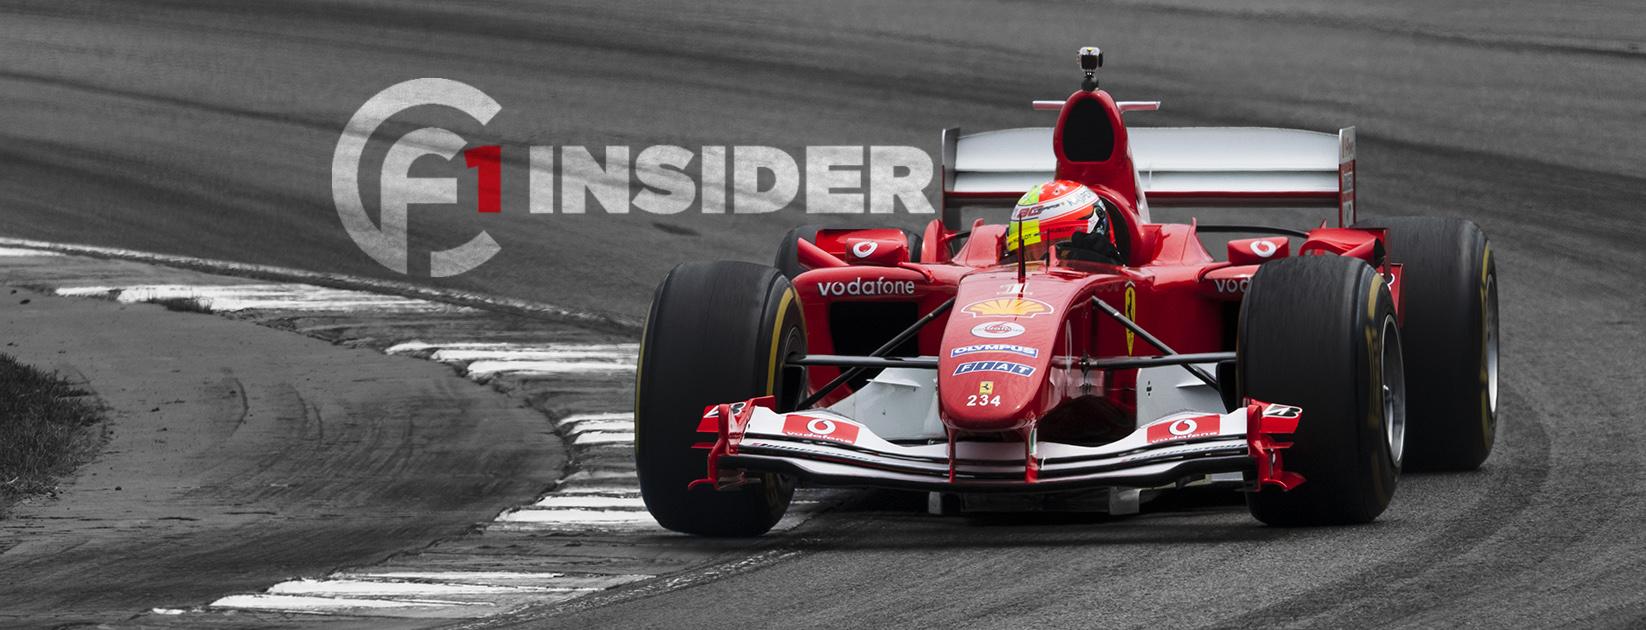 F1 Insider Header